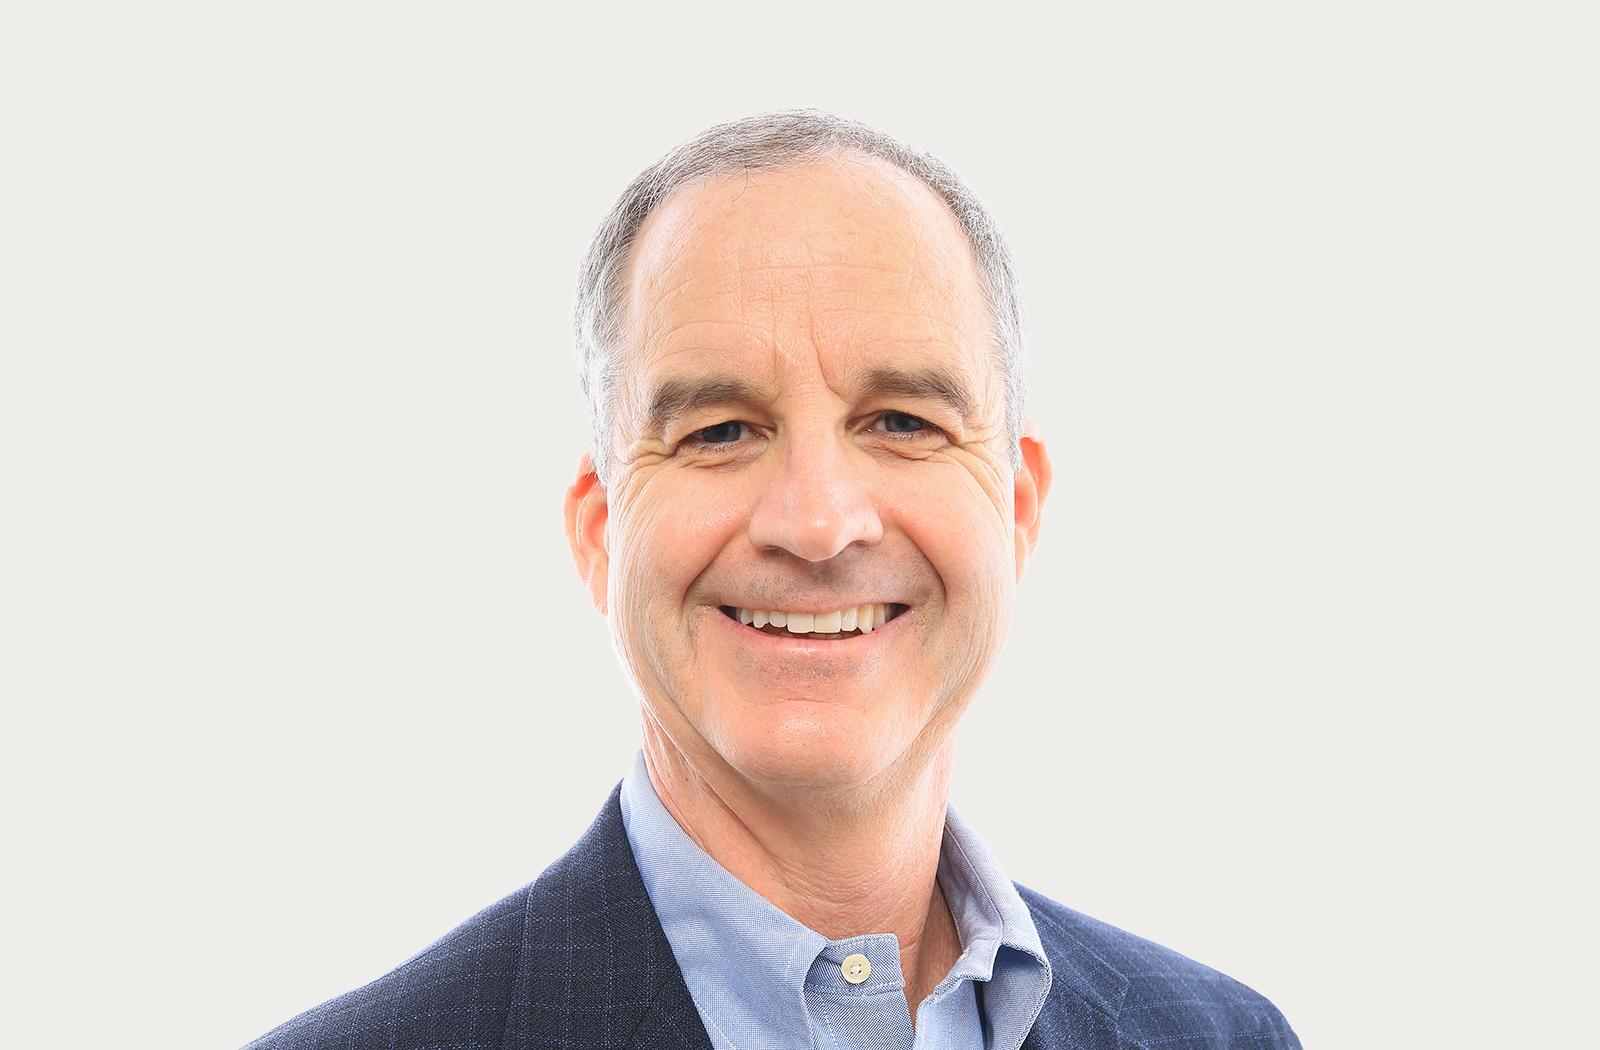 Brendan J. Fogarty